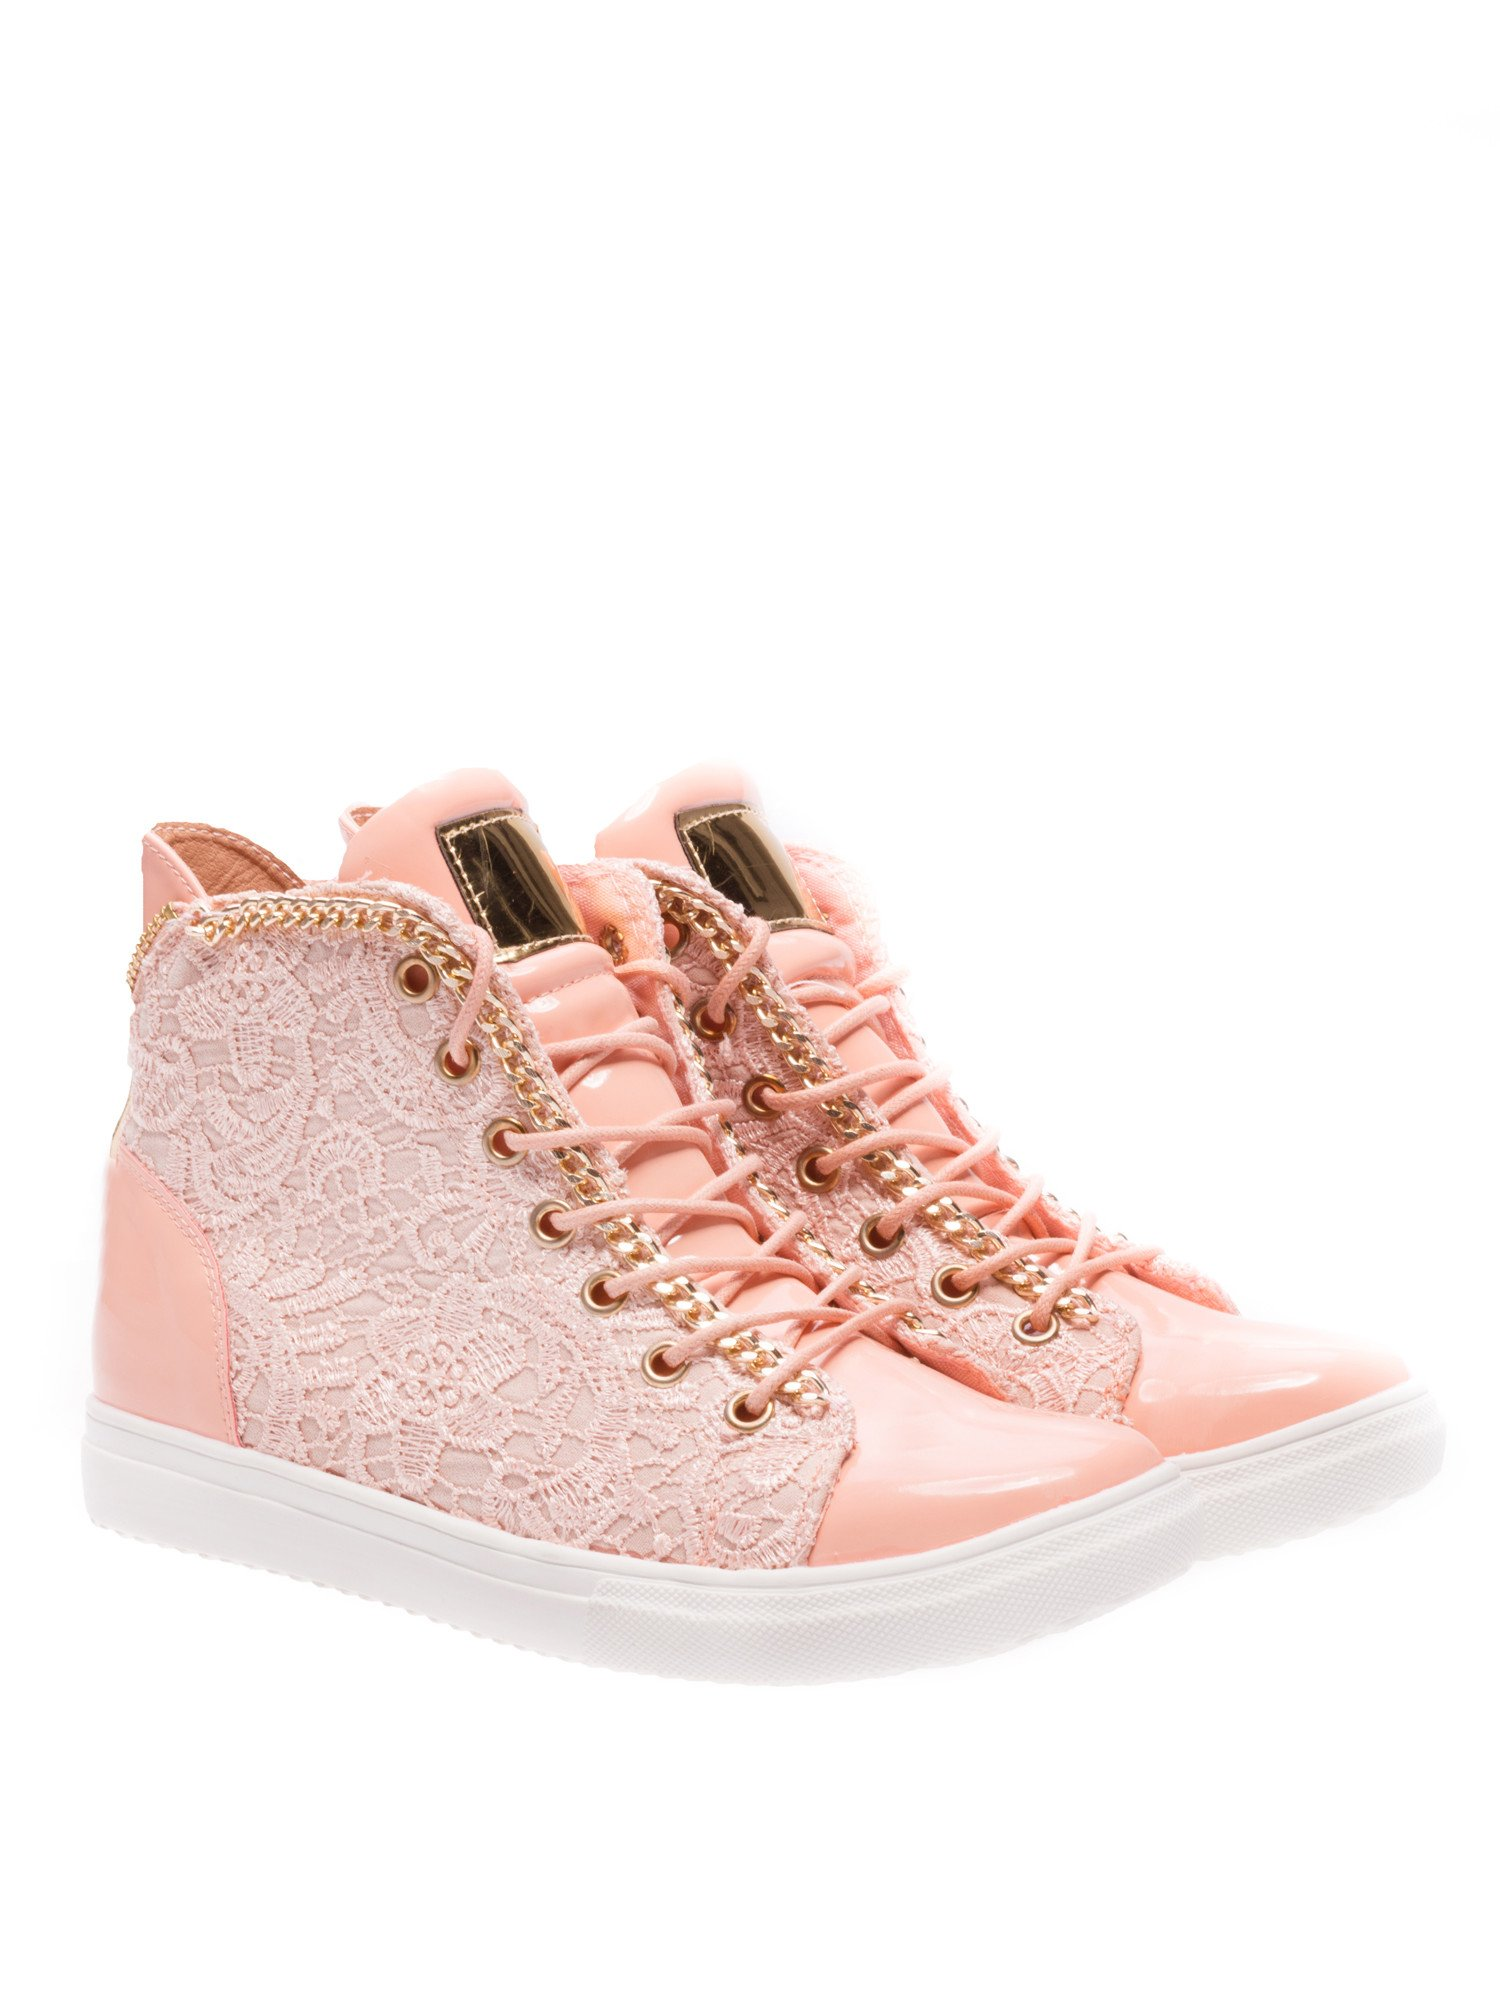 Różowe koronkowe sneakersy z łańcuszkiem                                  zdj.                                  2